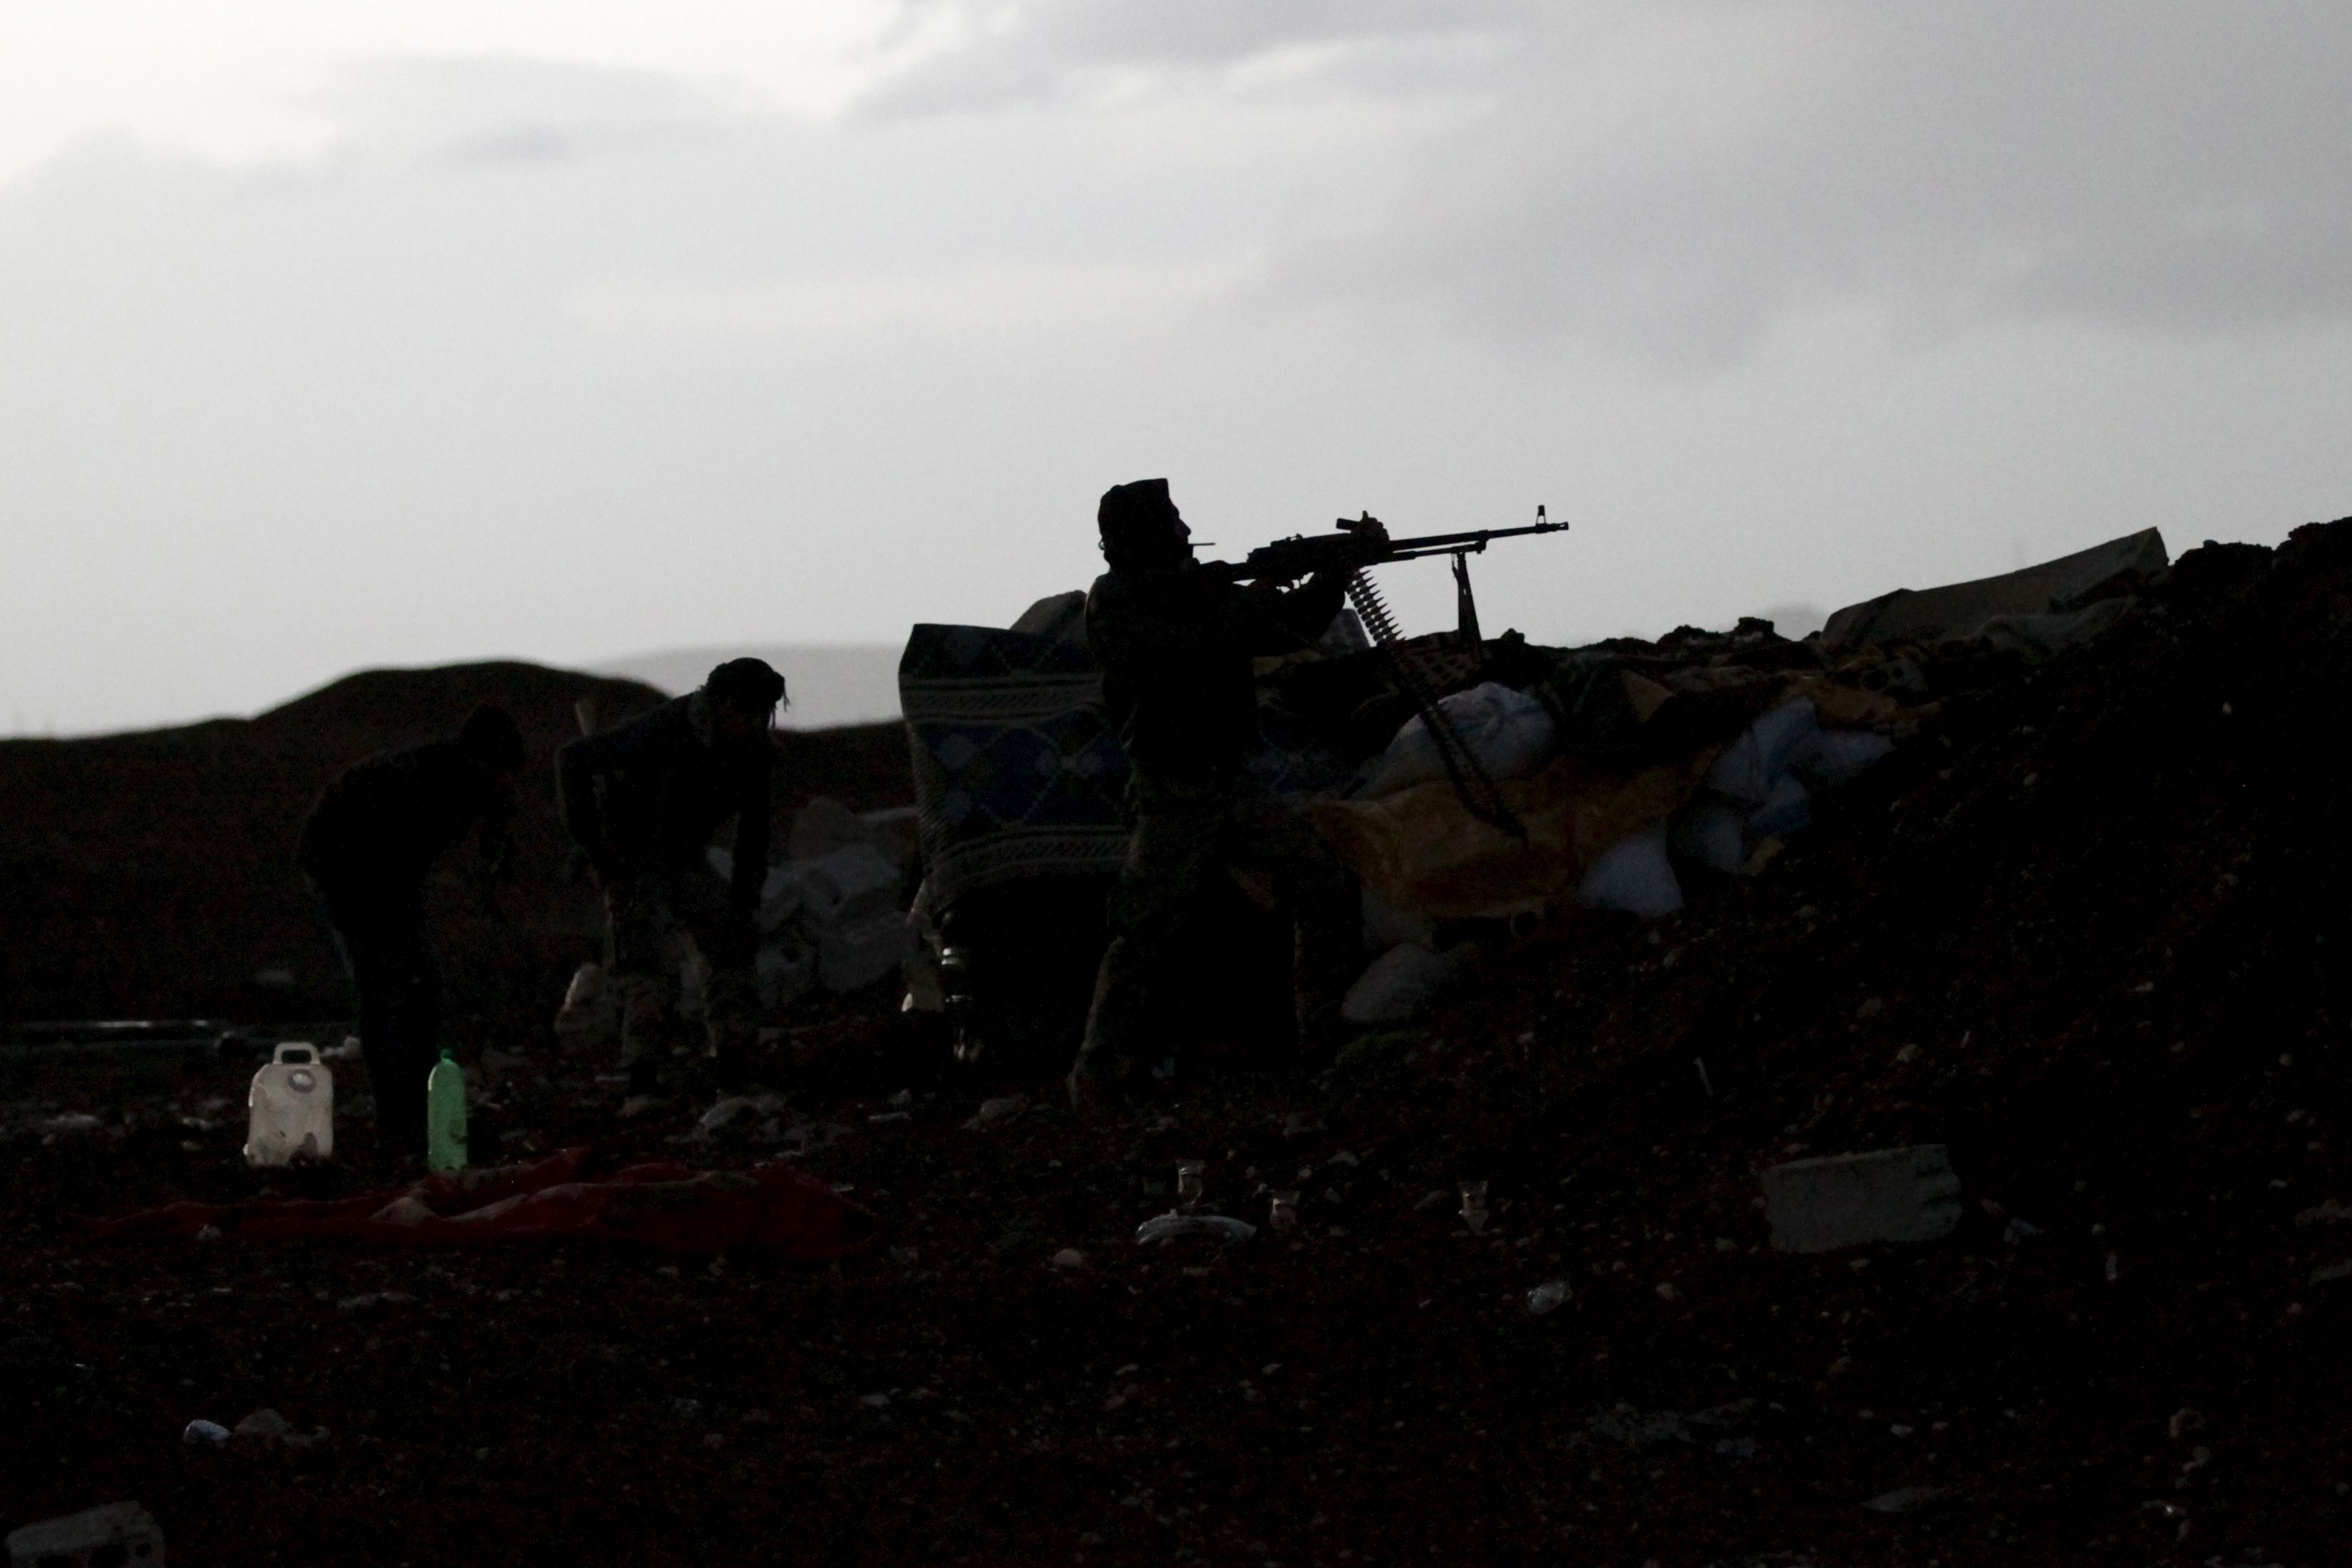 """Etat islamique : """"Il voulait que l'on meure tous en martyre"""" raconte une Française revenue de Syrie"""